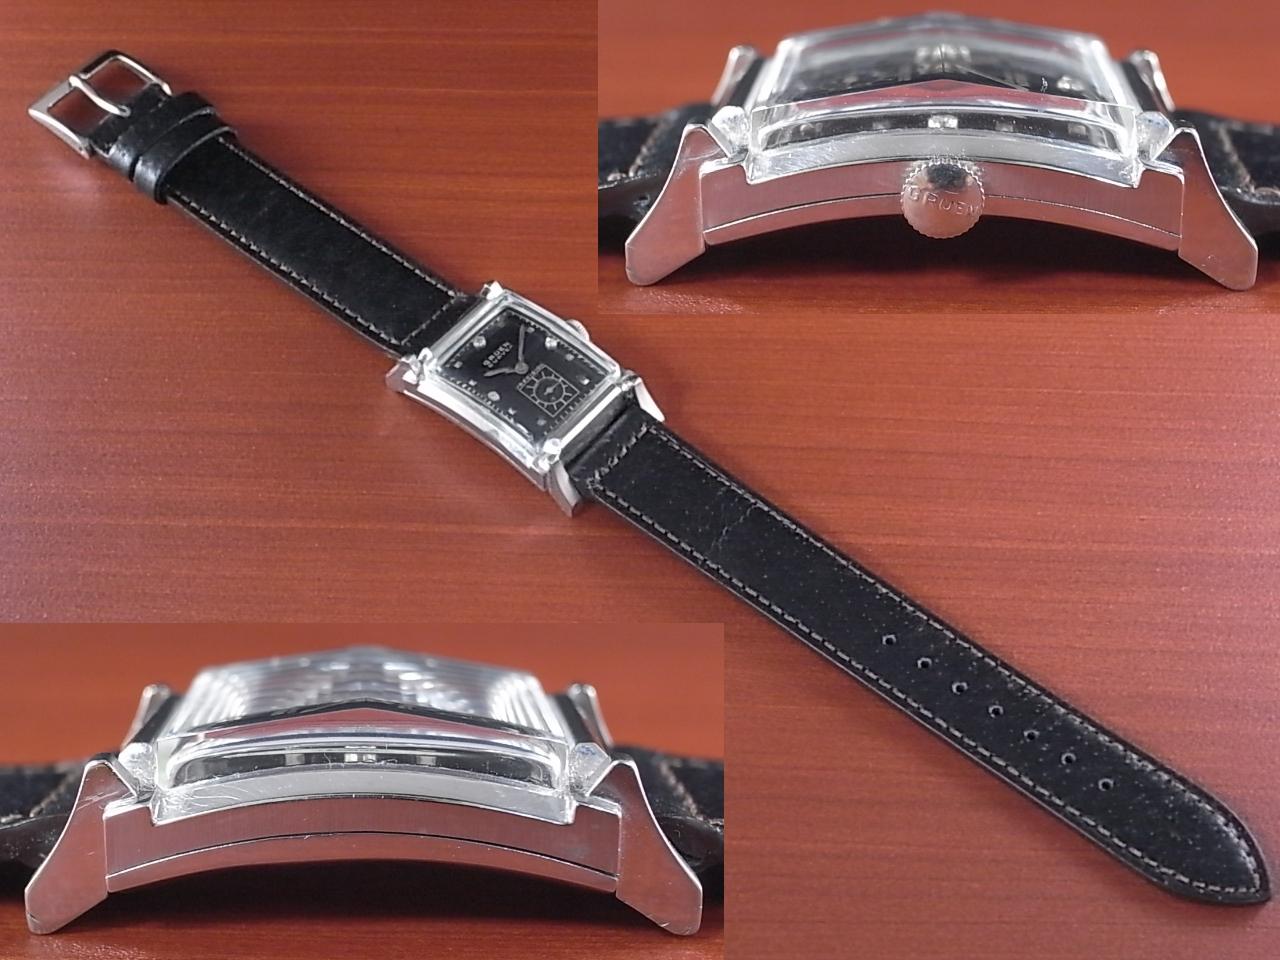 グリュエン カーベックス 14KWG ダイヤモンド Cal.440 1940年代の写真3枚目